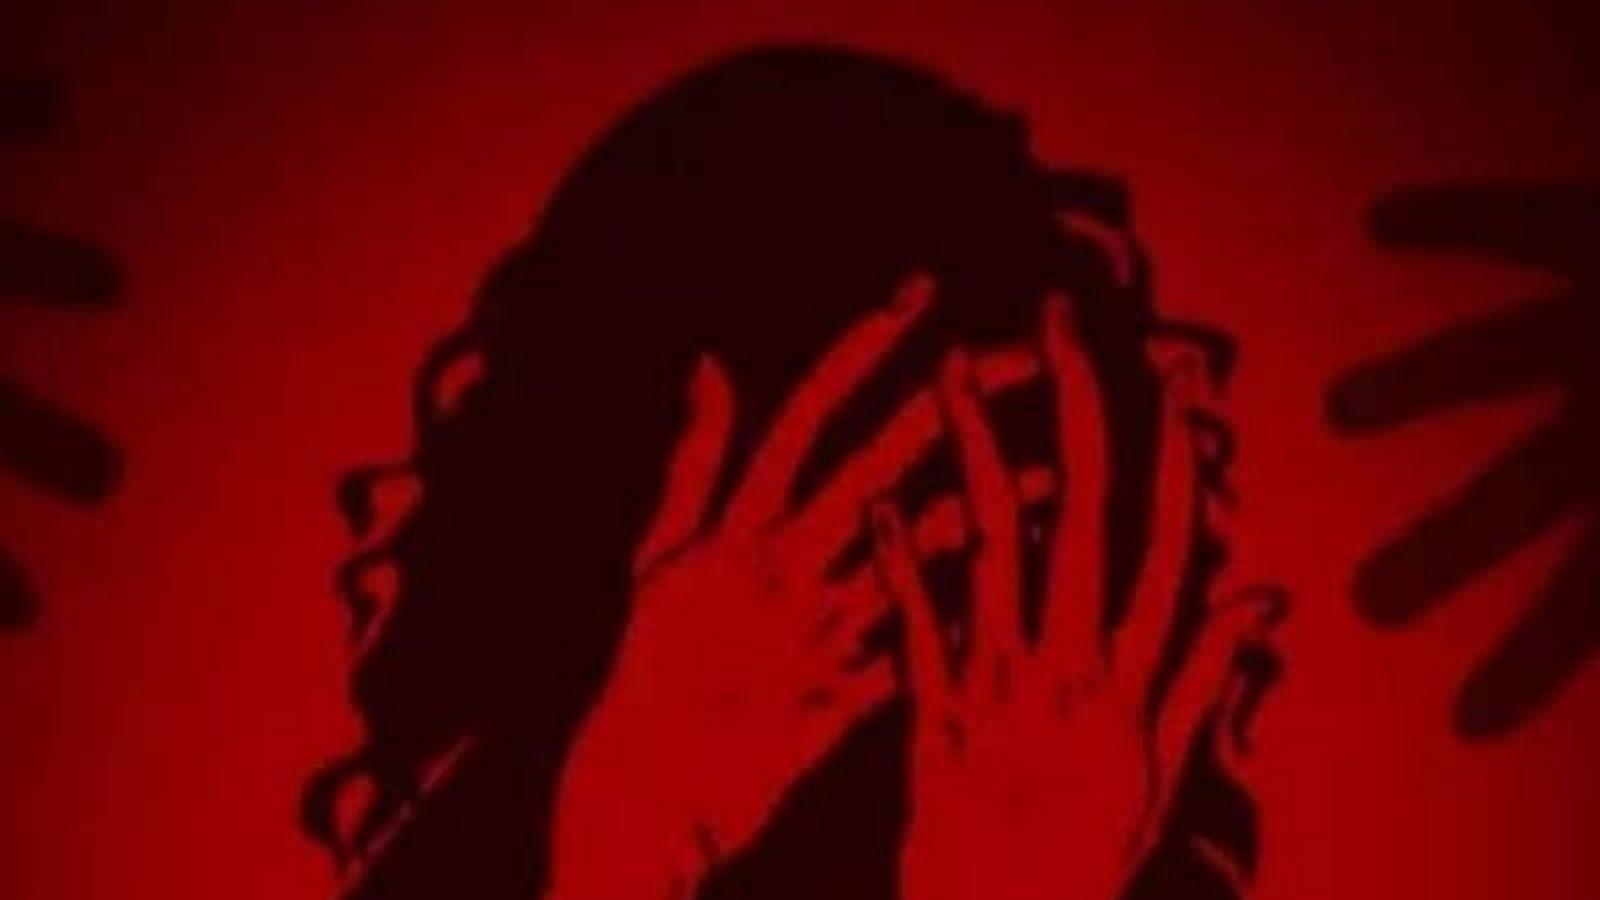 Neemuch News: बर्थडे पार्टी में बुलाकर महिला कांस्टेबल से गैंगरेप, सोशल मीडिया पर हुई थी दोस्ती